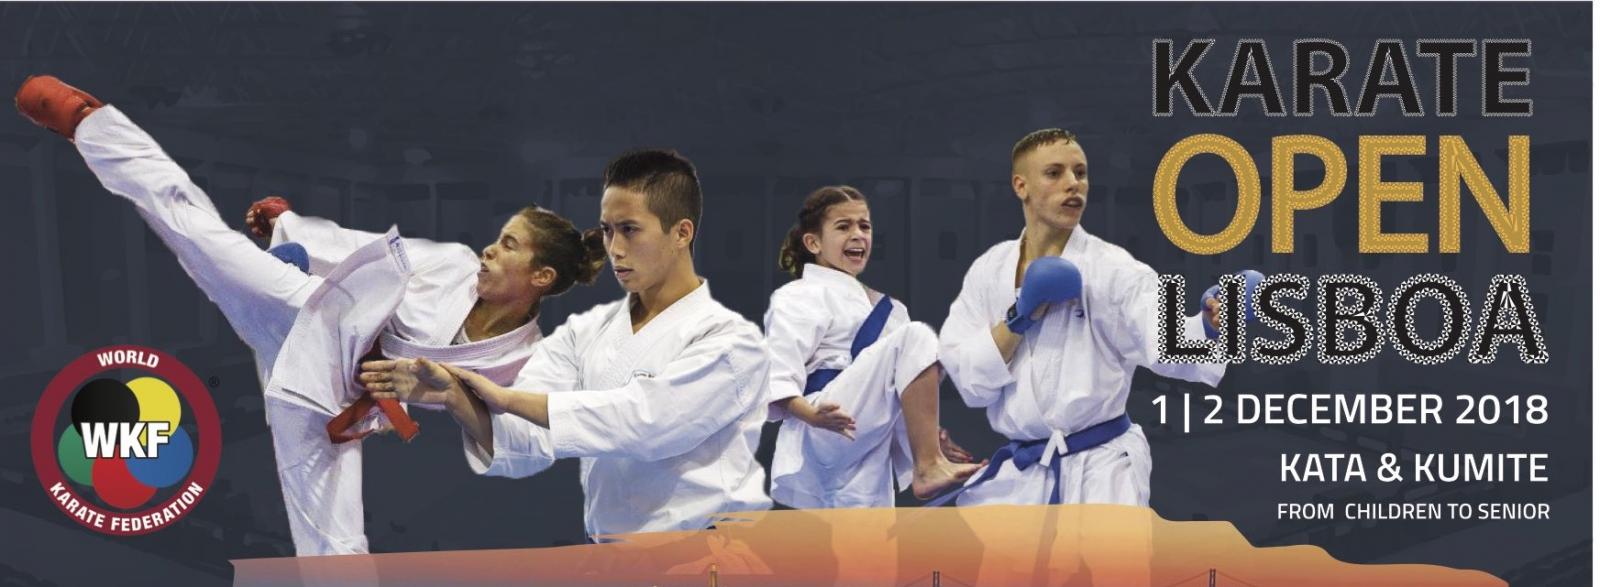 Resultado de imagen de open lisboa karate 2018